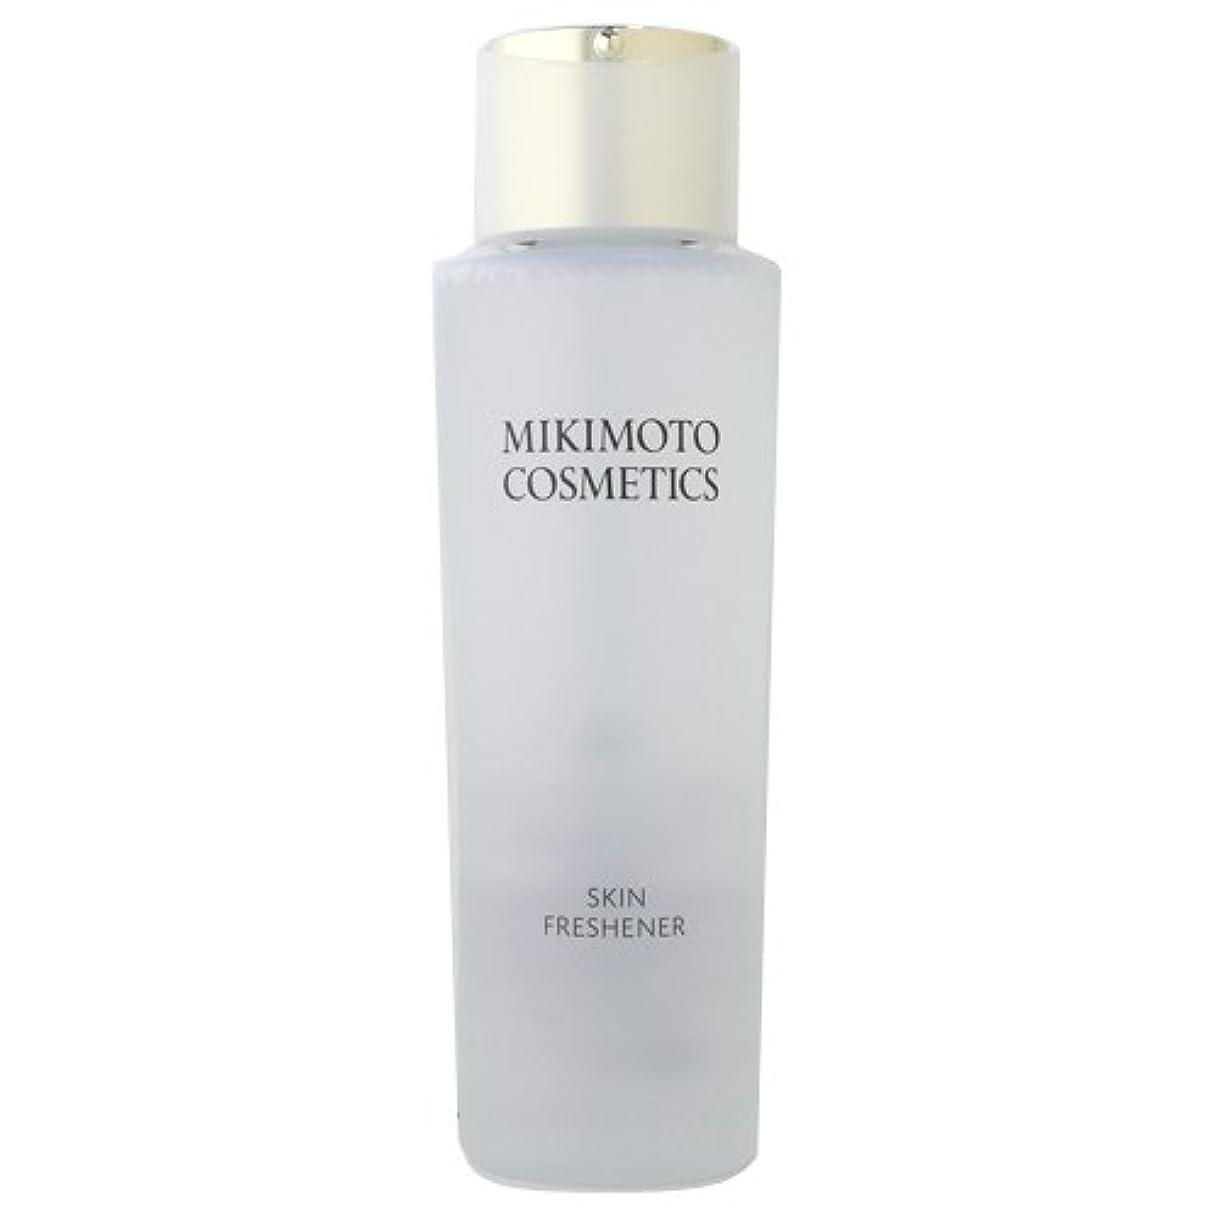 応じる操る代表するミキモト化粧品 MIKIMOTO コスメティックス スキンフレッシュナー 200mL